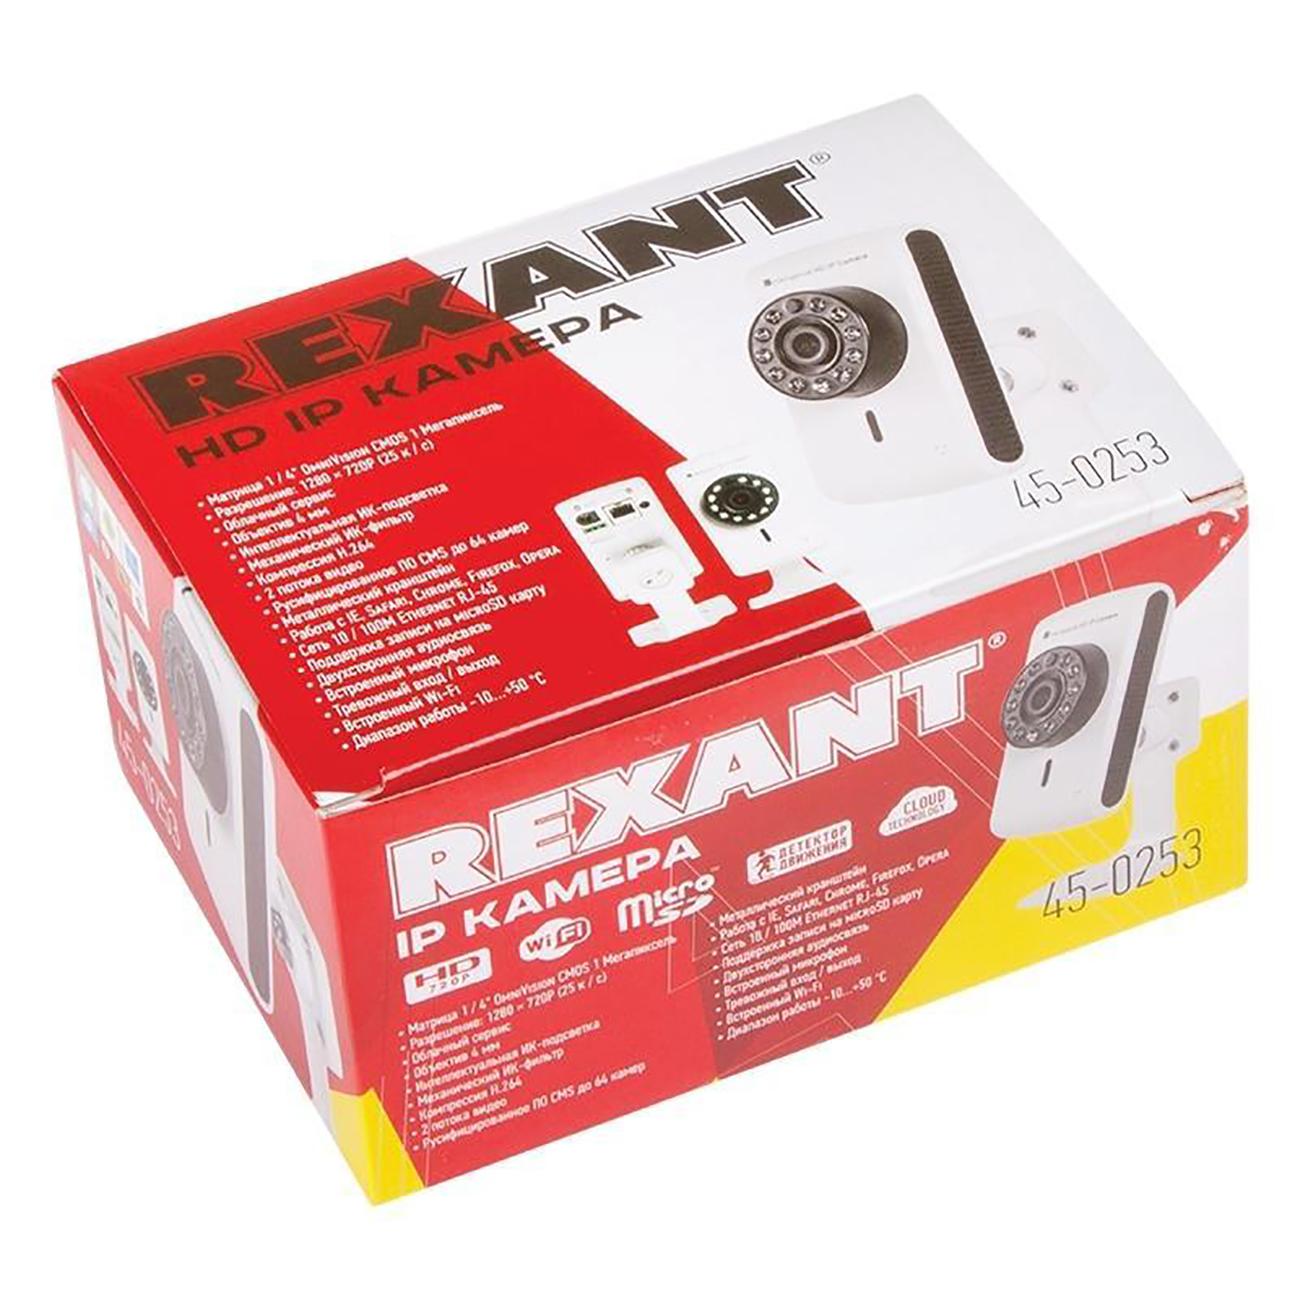 Фото Видеокамера IP Rexant, 1.0 Мп (720P), ИК до 15 м {45-0253} (2)